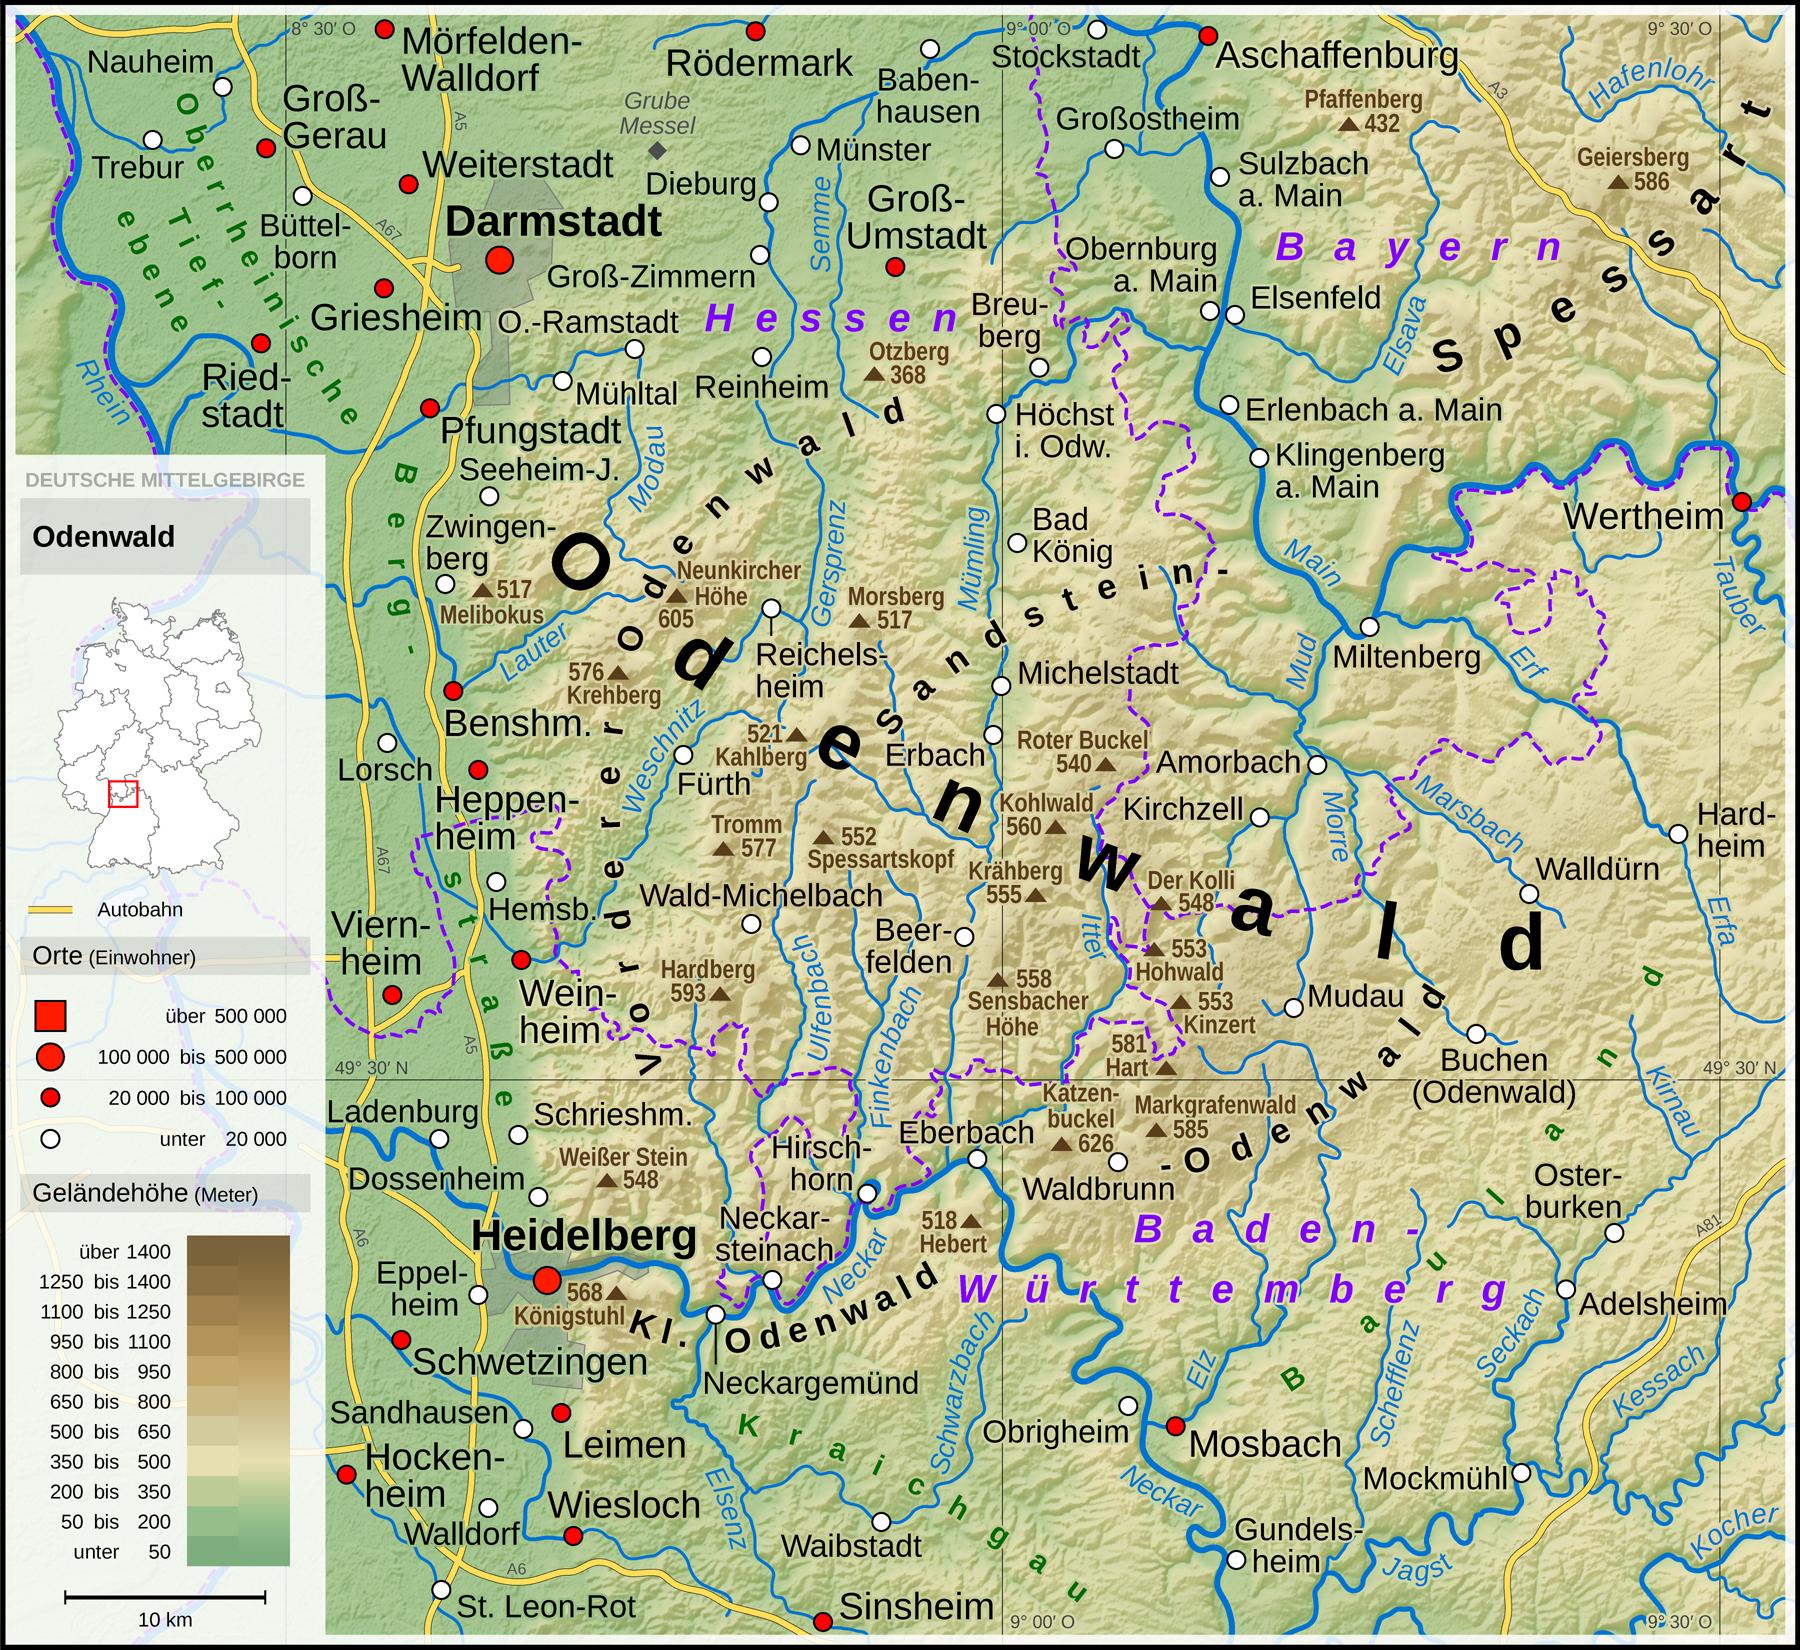 karte odenwald Datei:Odenwald   Deutsche Mittelgebirge, Serie A de.png – Wikipedia